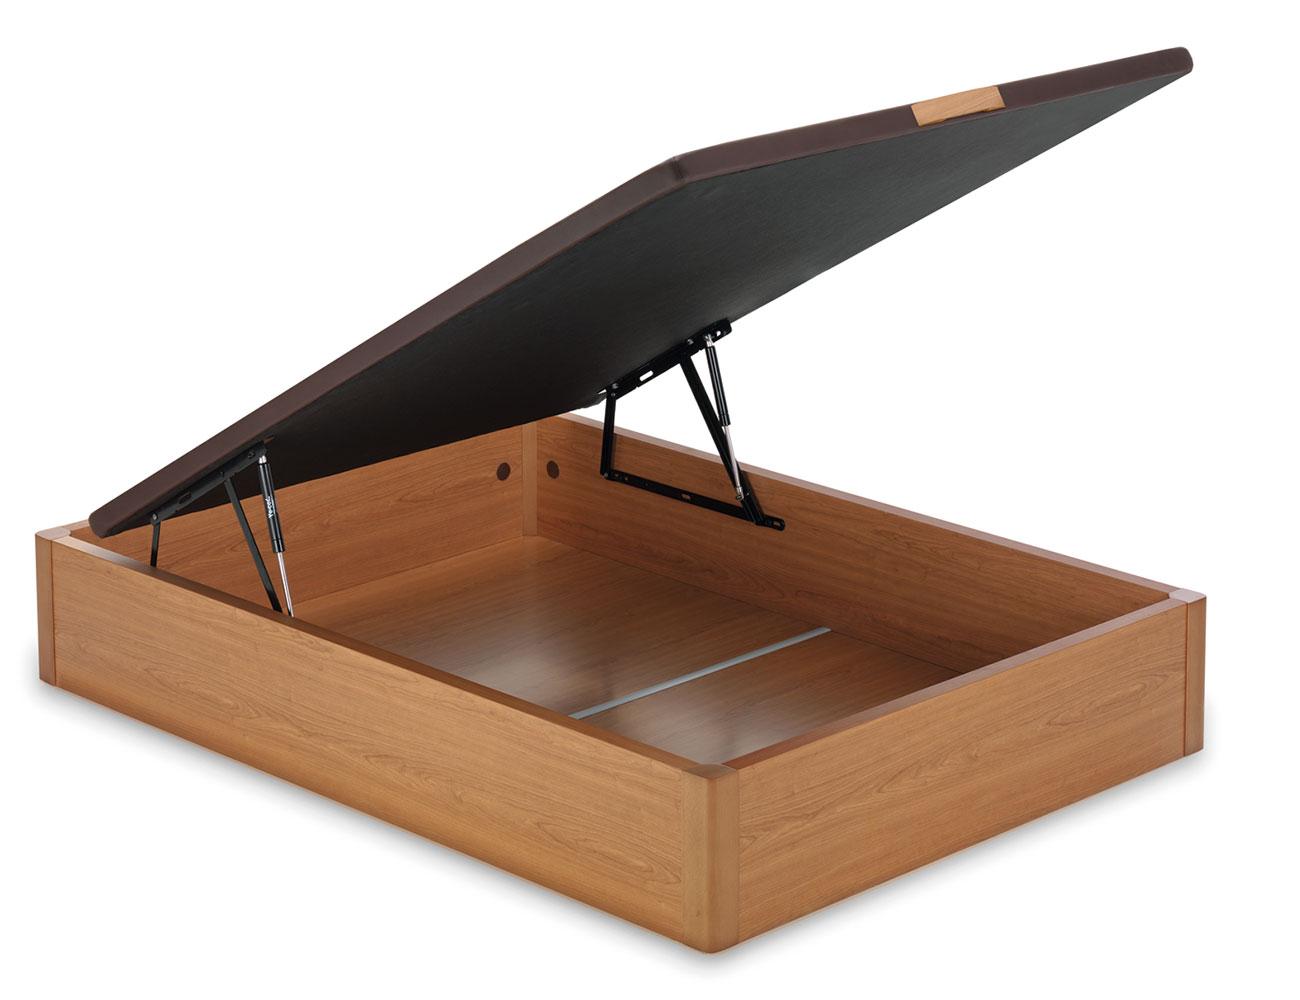 Canape madera 5 cm grosor gran calidad abierto1